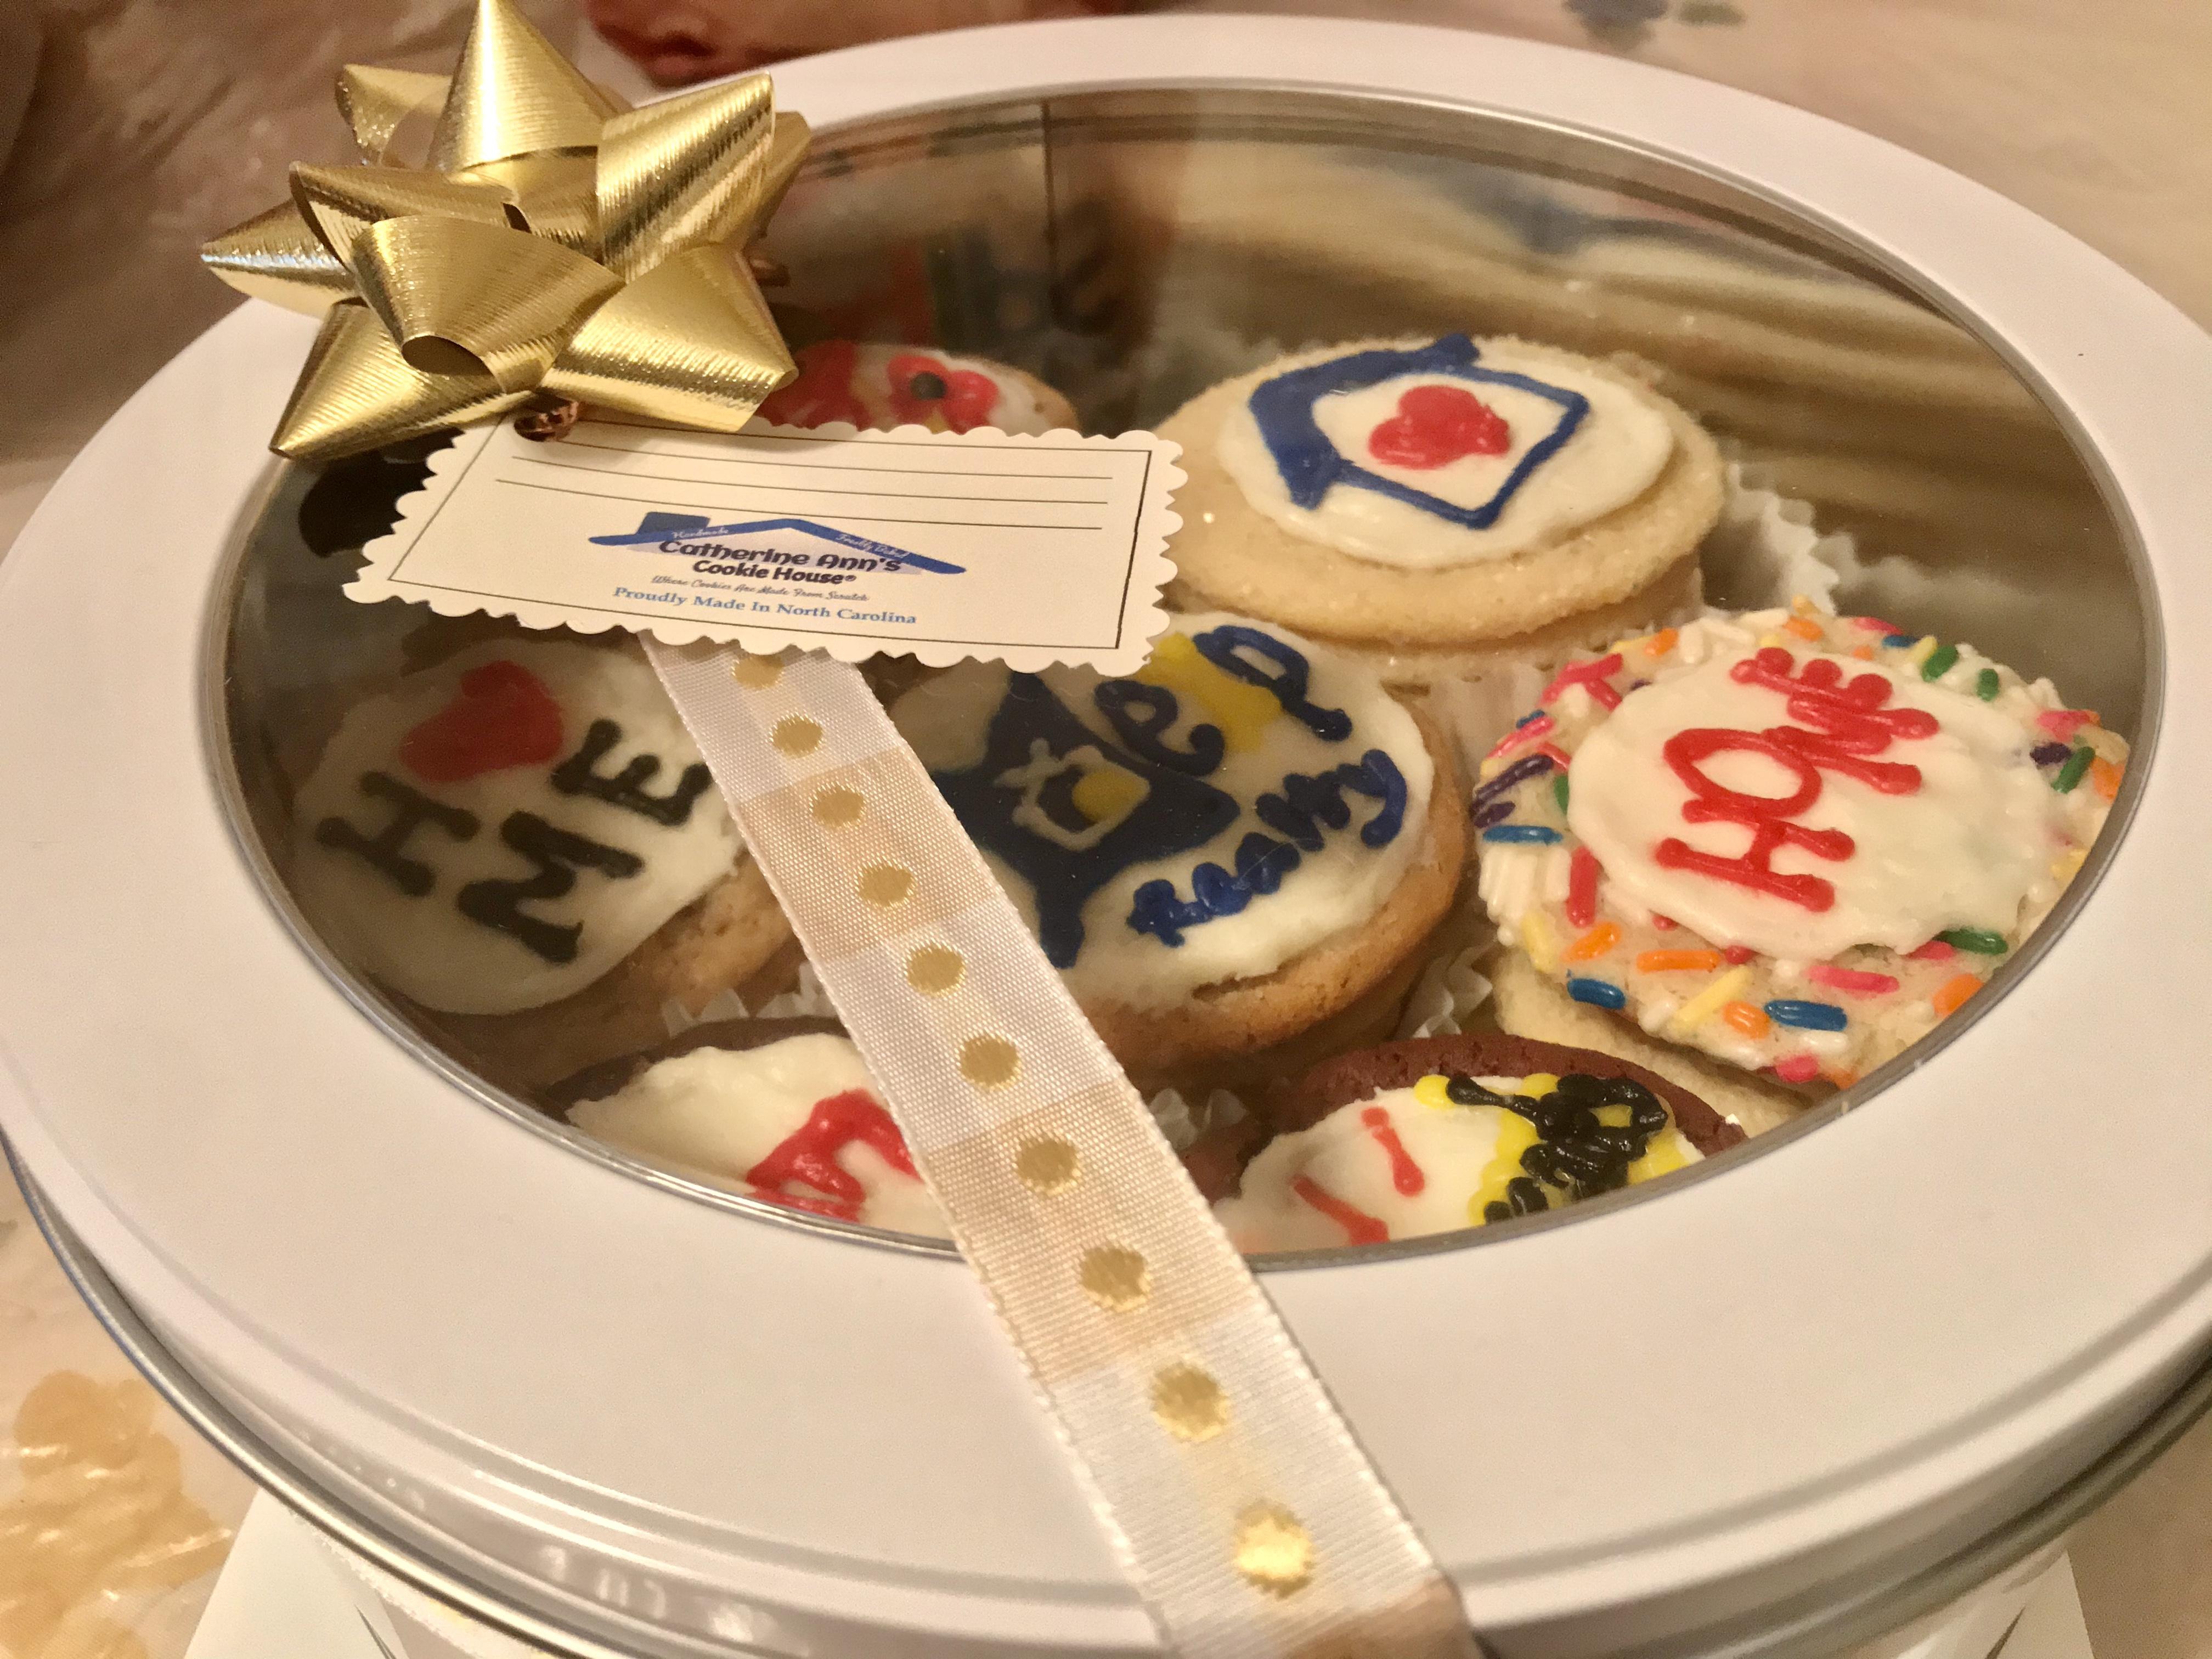 Gourmet Cookies in Container